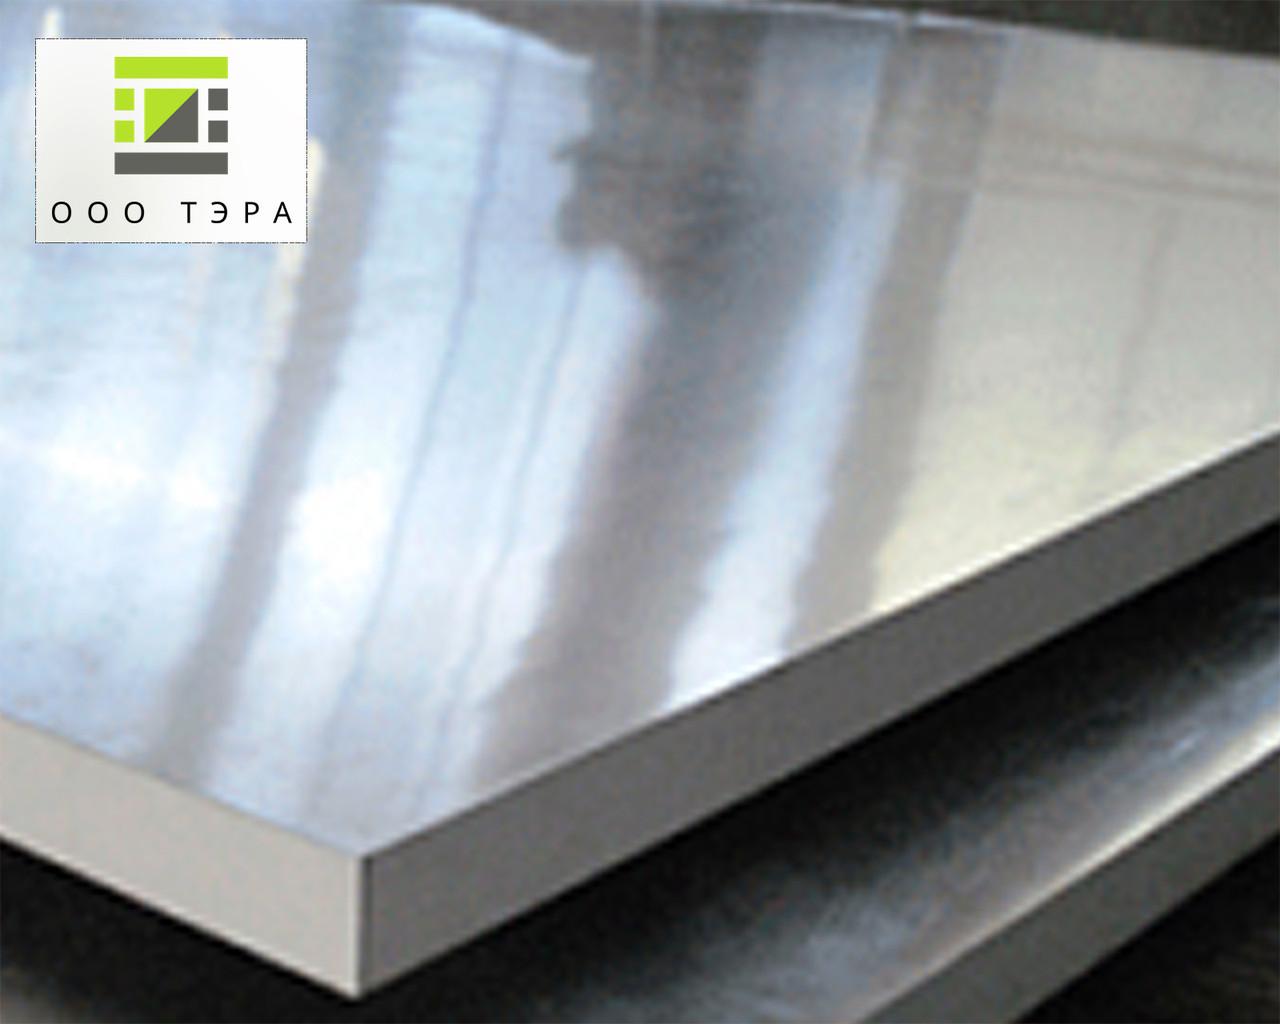 Дюралевая плита 30 мм 2024 Т351 алюмінієвий Д16Т 1500х3000 мм